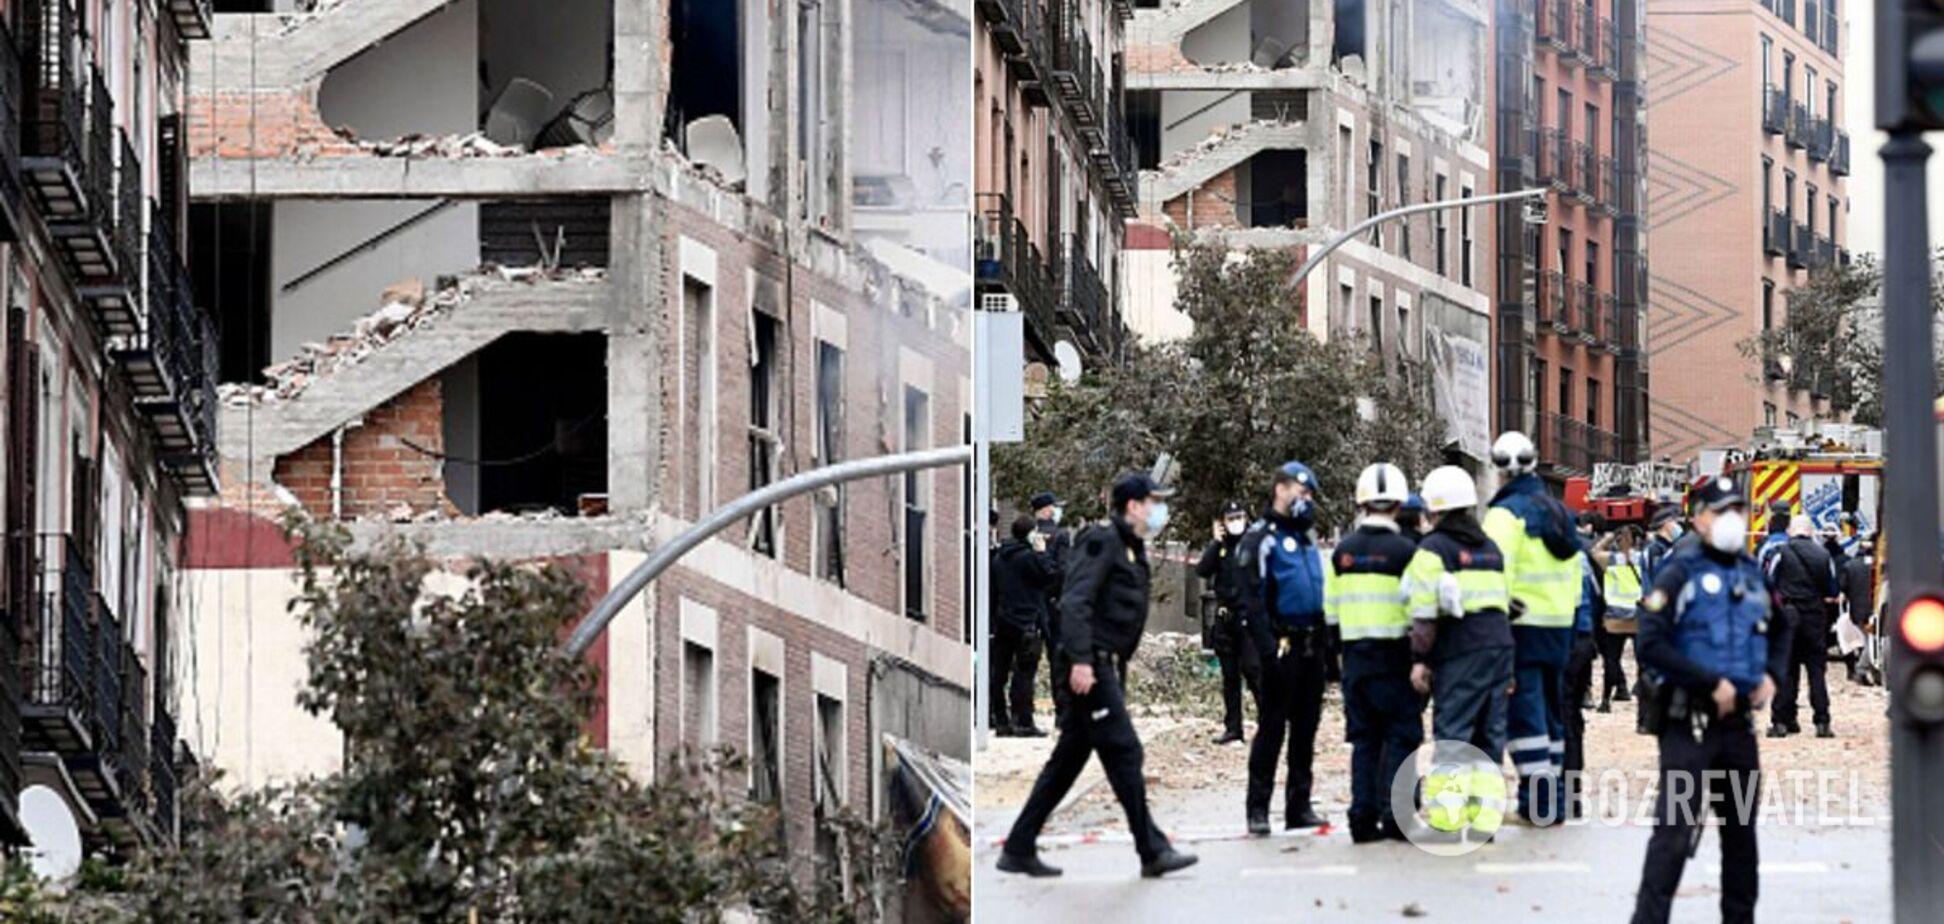 Мадрид здригнувся від потужного вибуху: фото і відео зруйнованої вулиці